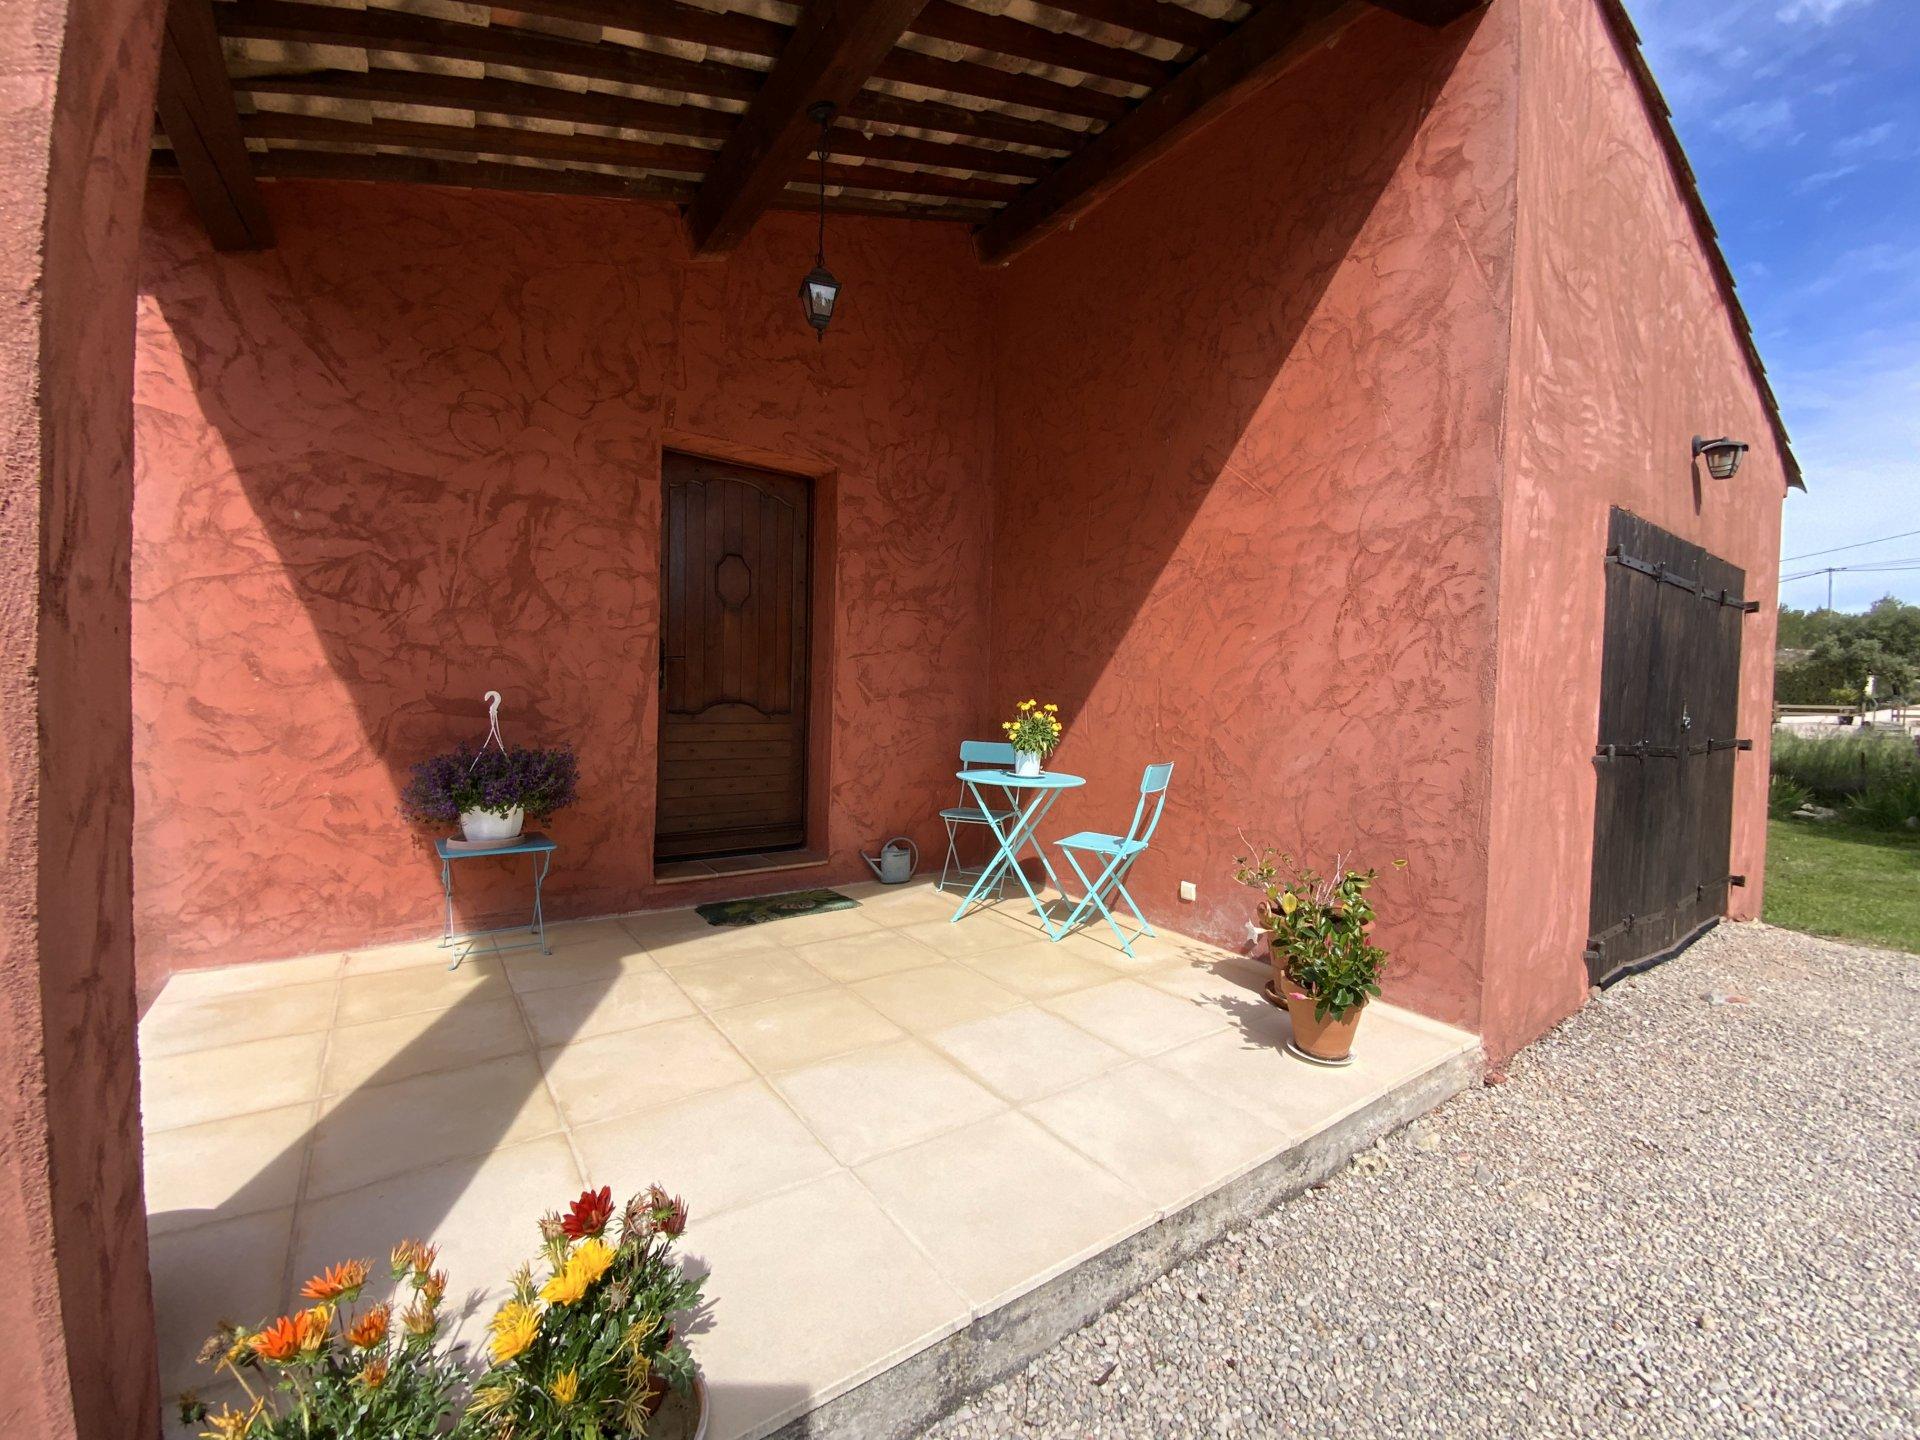 VILLA MODERNE - 3/4 chambres - garage - piscine.